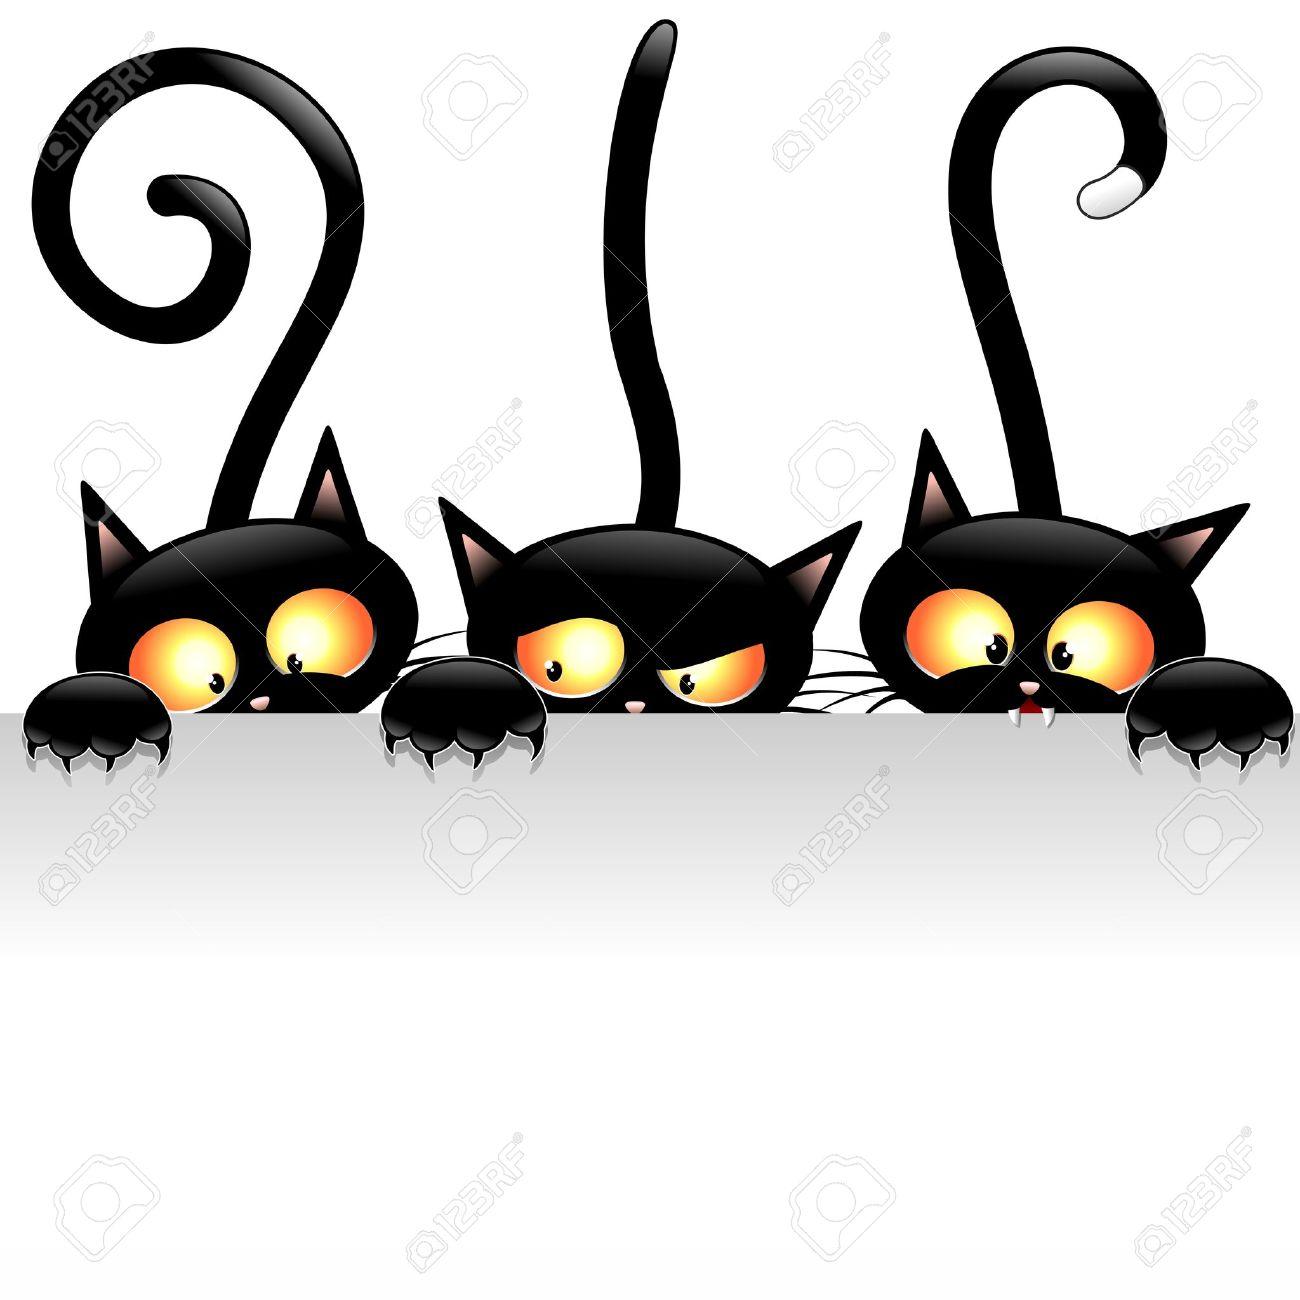 Banque dimages , Drôle de chats noirs de bande dessinée avec le panneau blanc